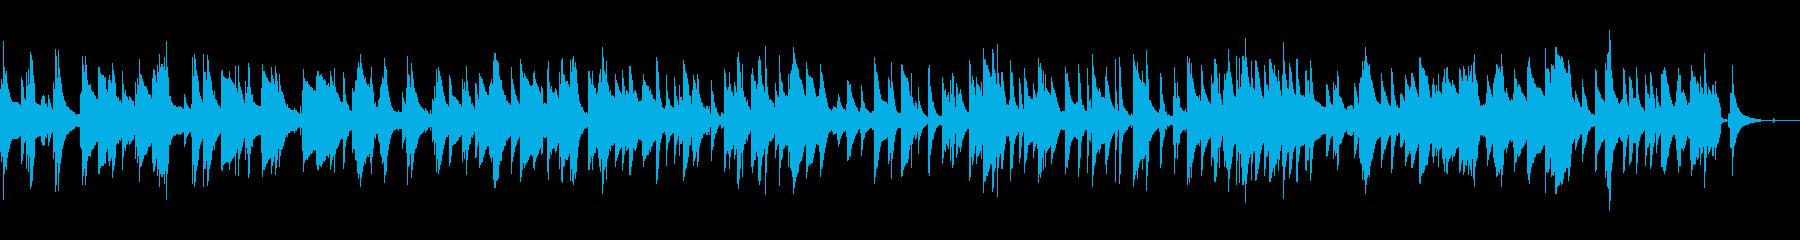 ガーシュウィンのバラード(ピアノトリオ)の再生済みの波形